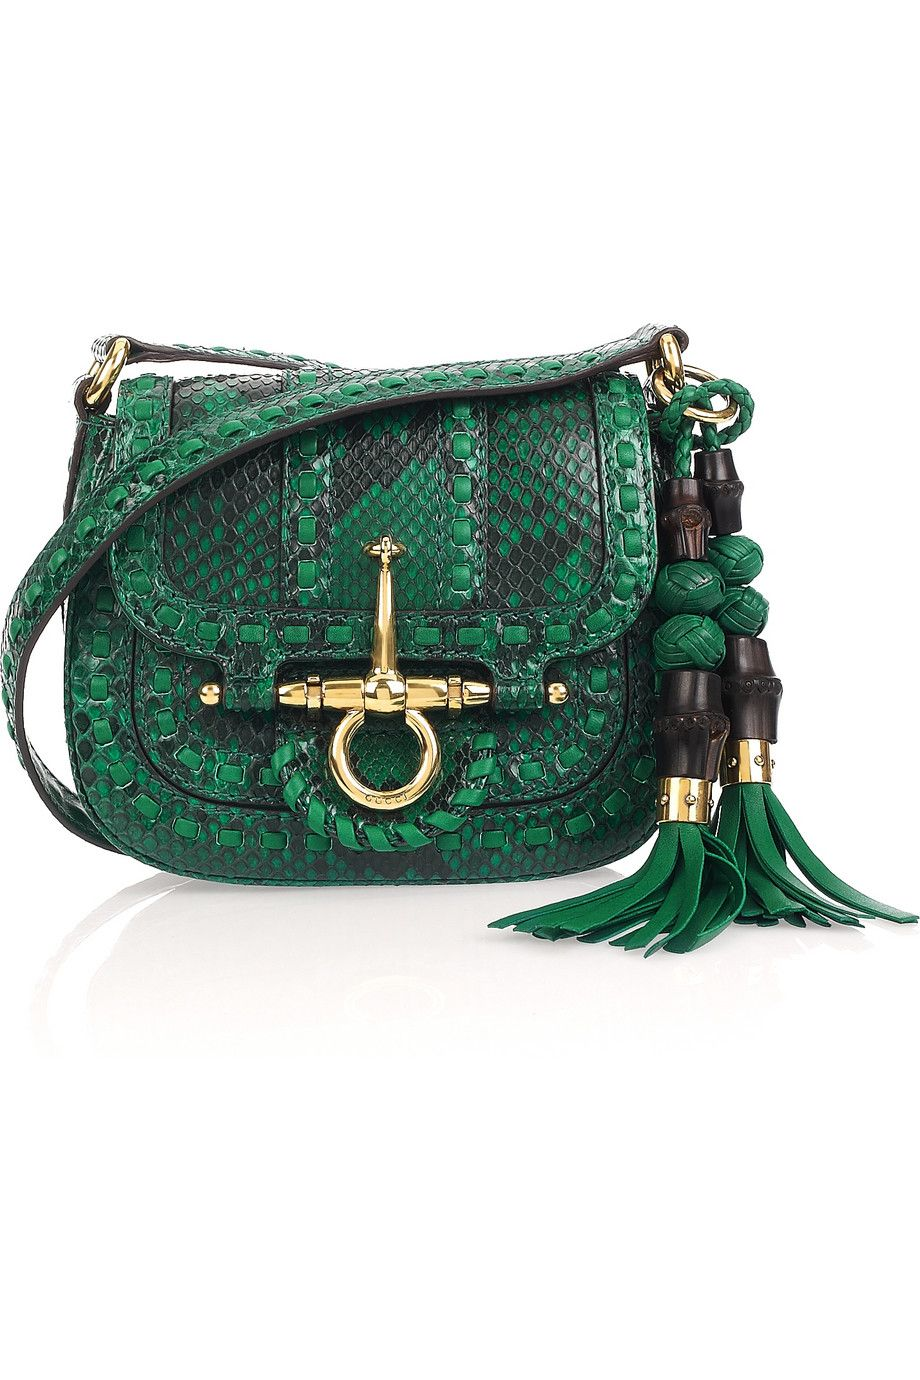 Gucci - Python shoulder bag